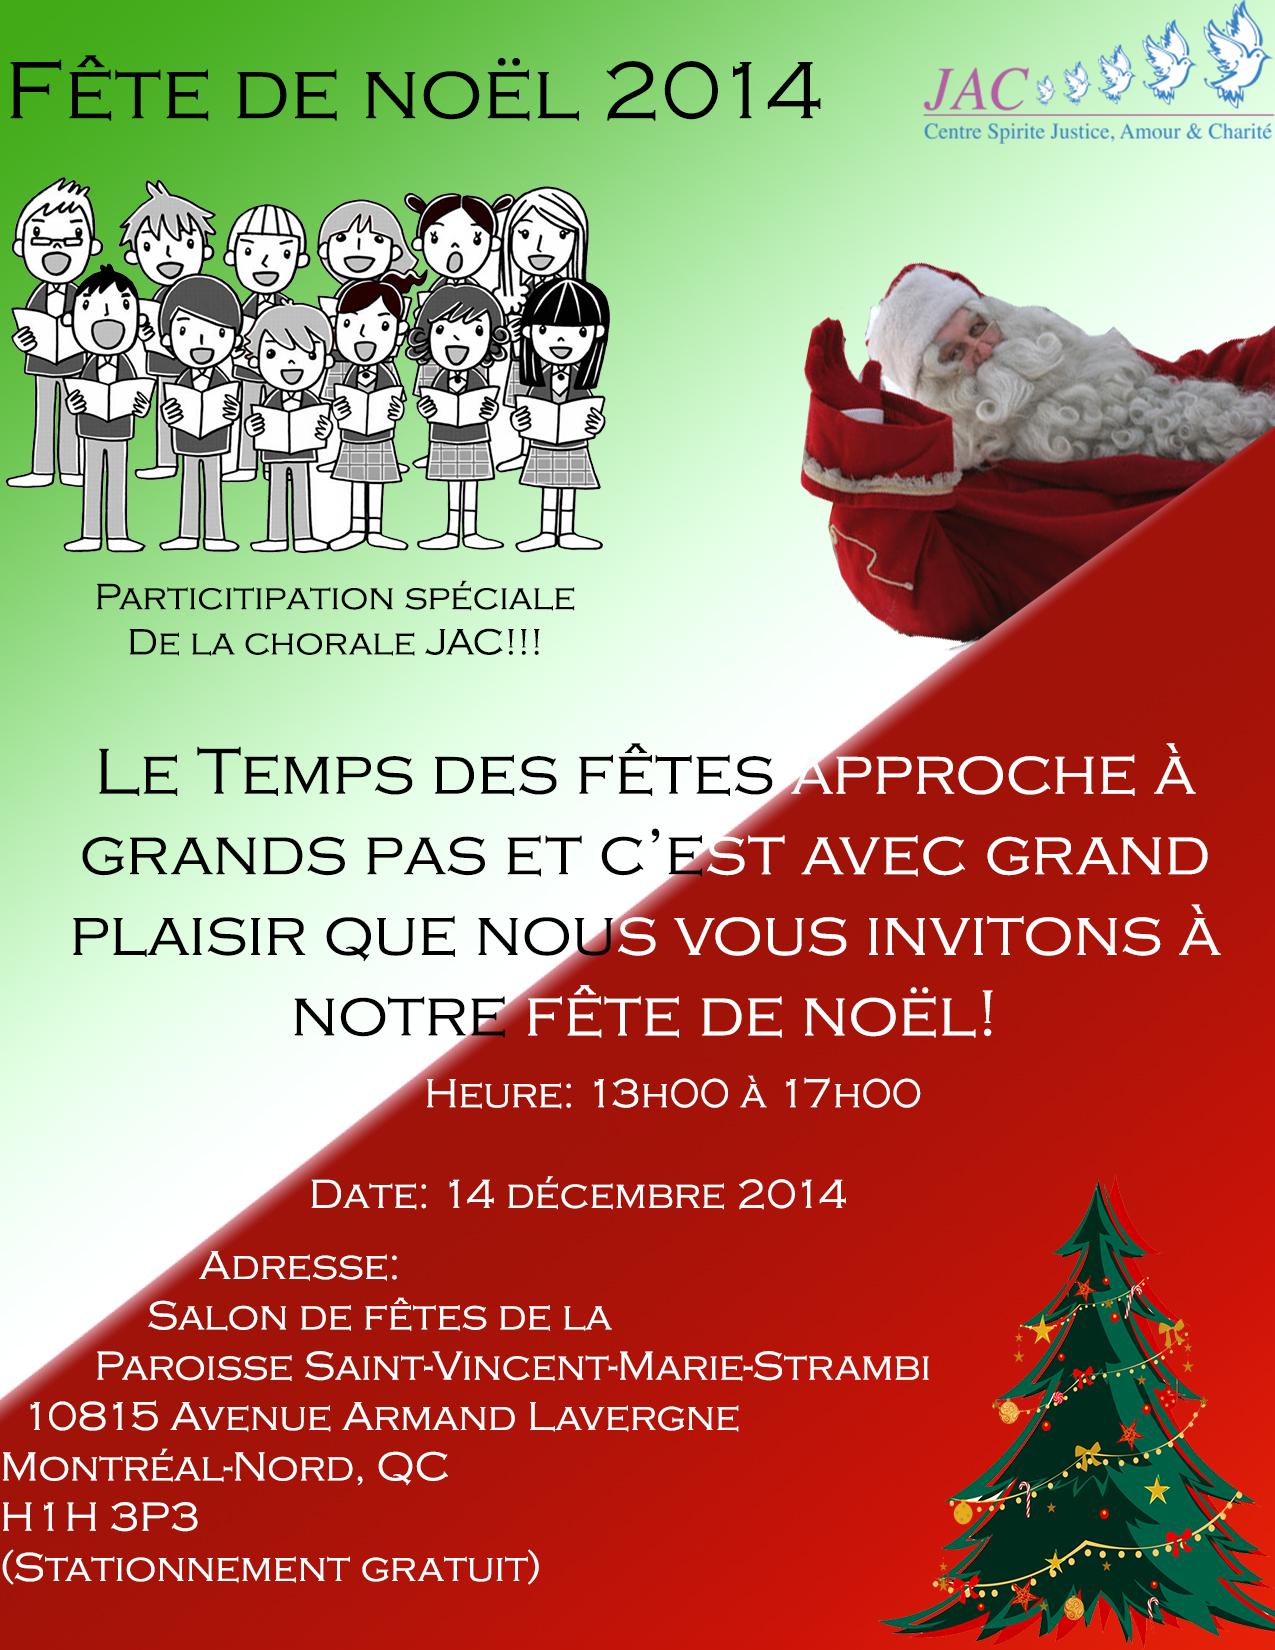 Invitation : Fête de Noël JAC - 2014.